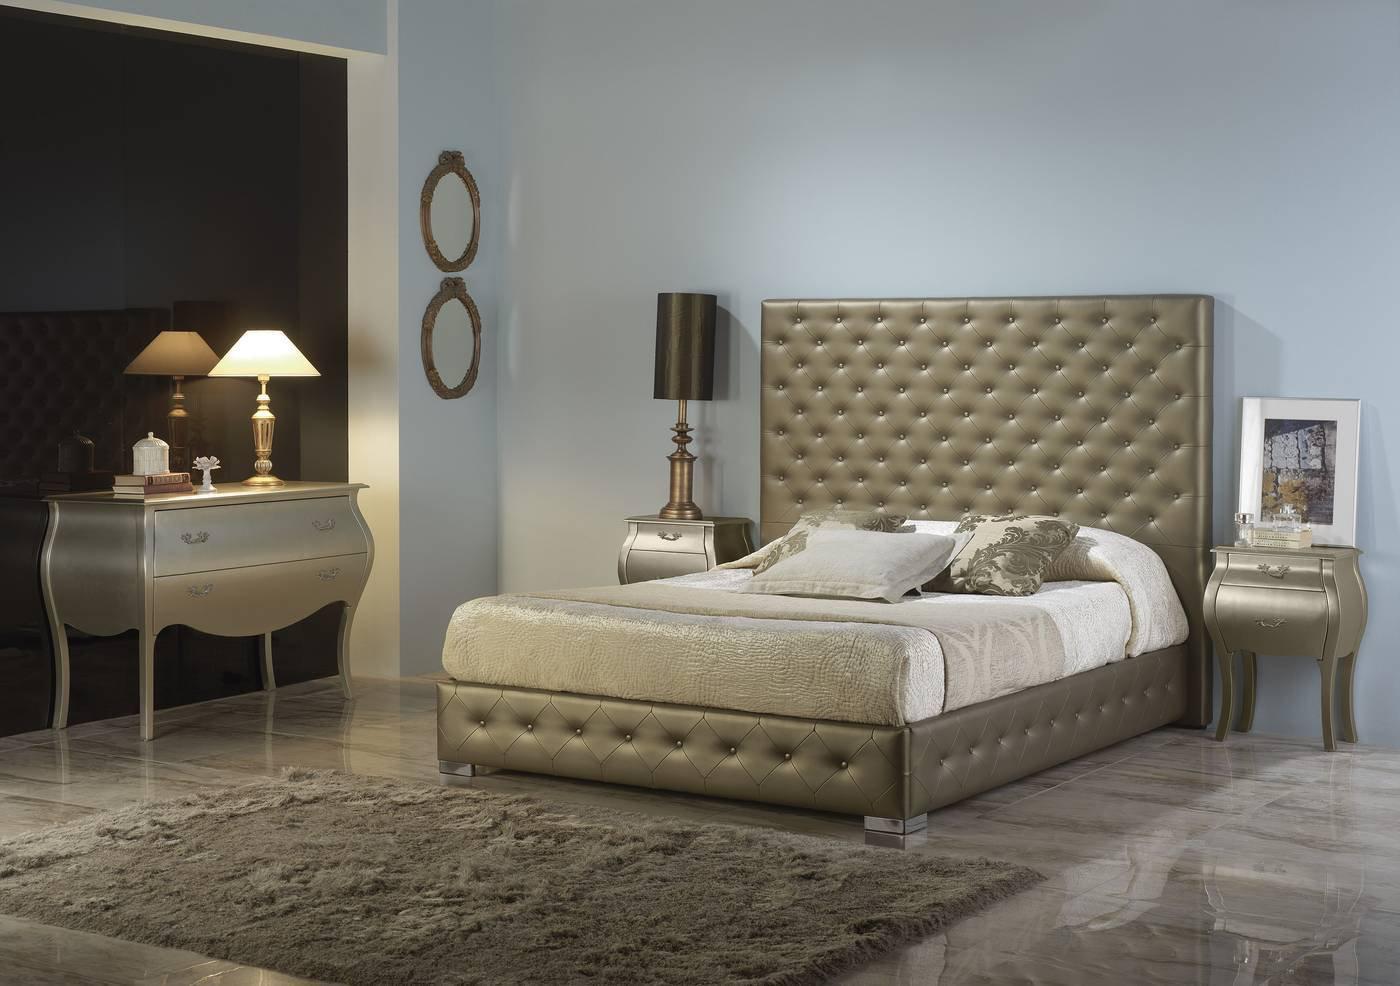 Cabezales de cama matrimonio cabeceros originales diy - Cabezales de cama de matrimonio ...